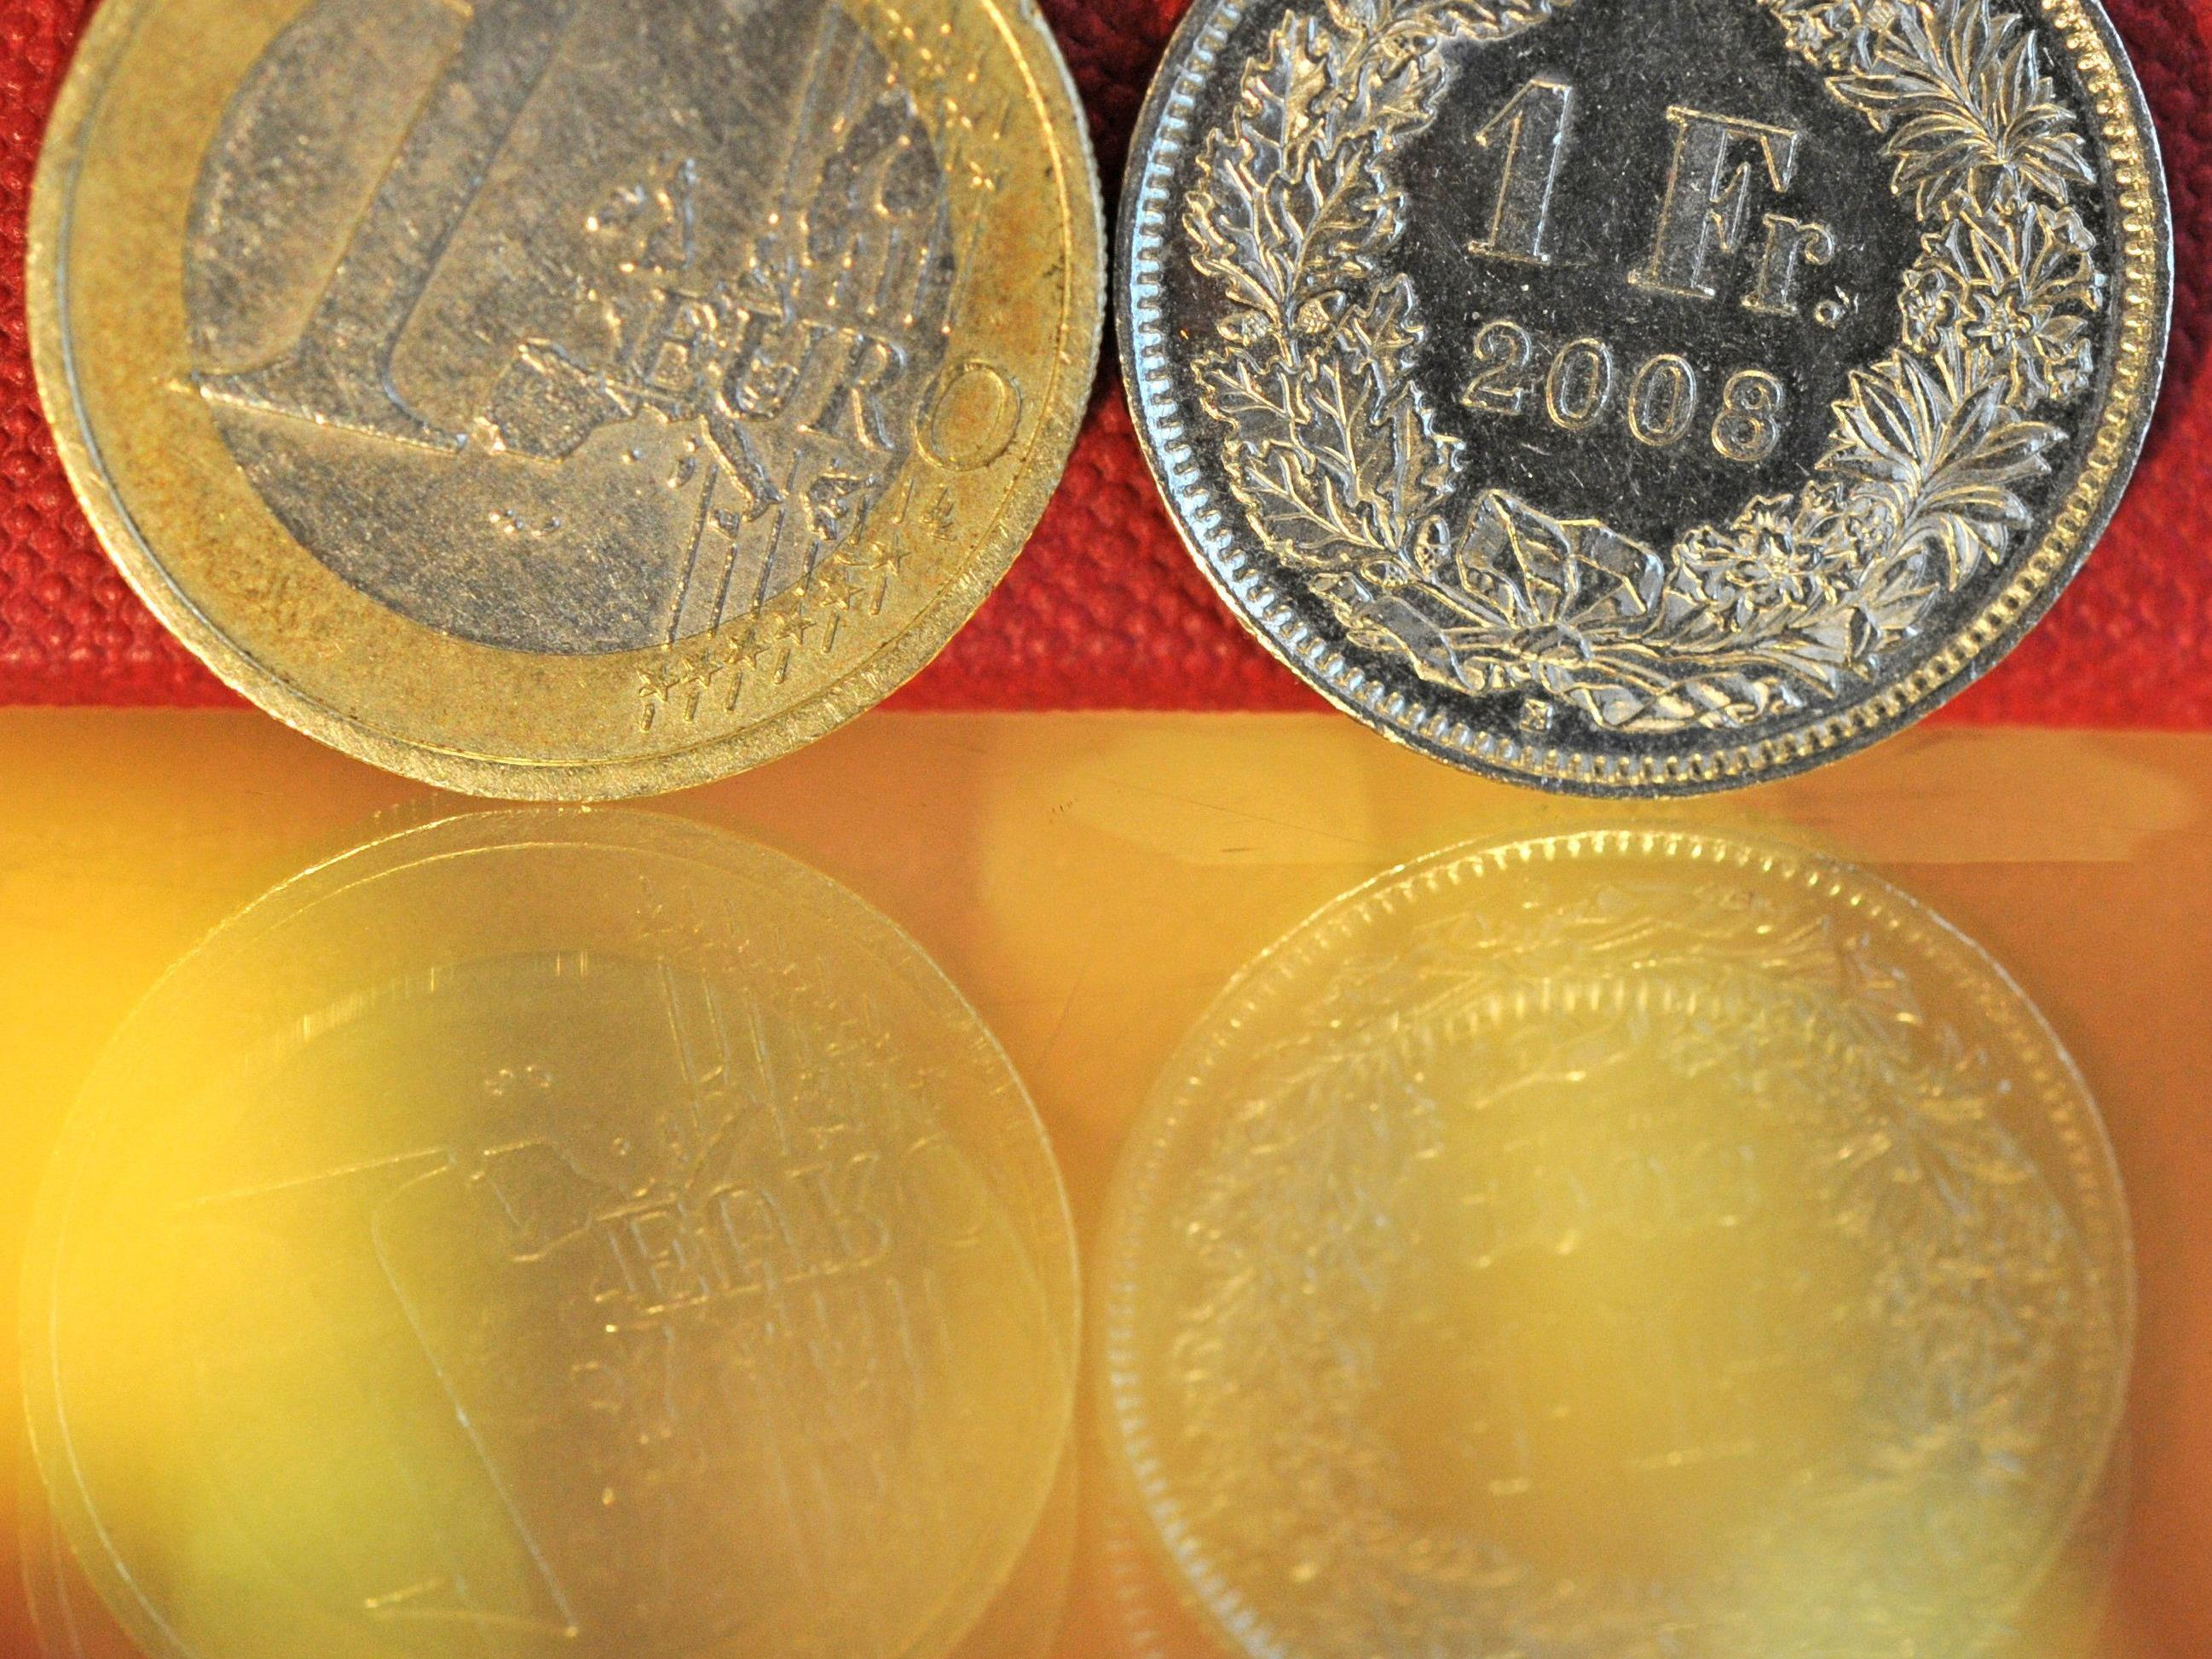 Frankenstärke: Schweizer Ökonomen uneins über Nationalbank-Strategie.